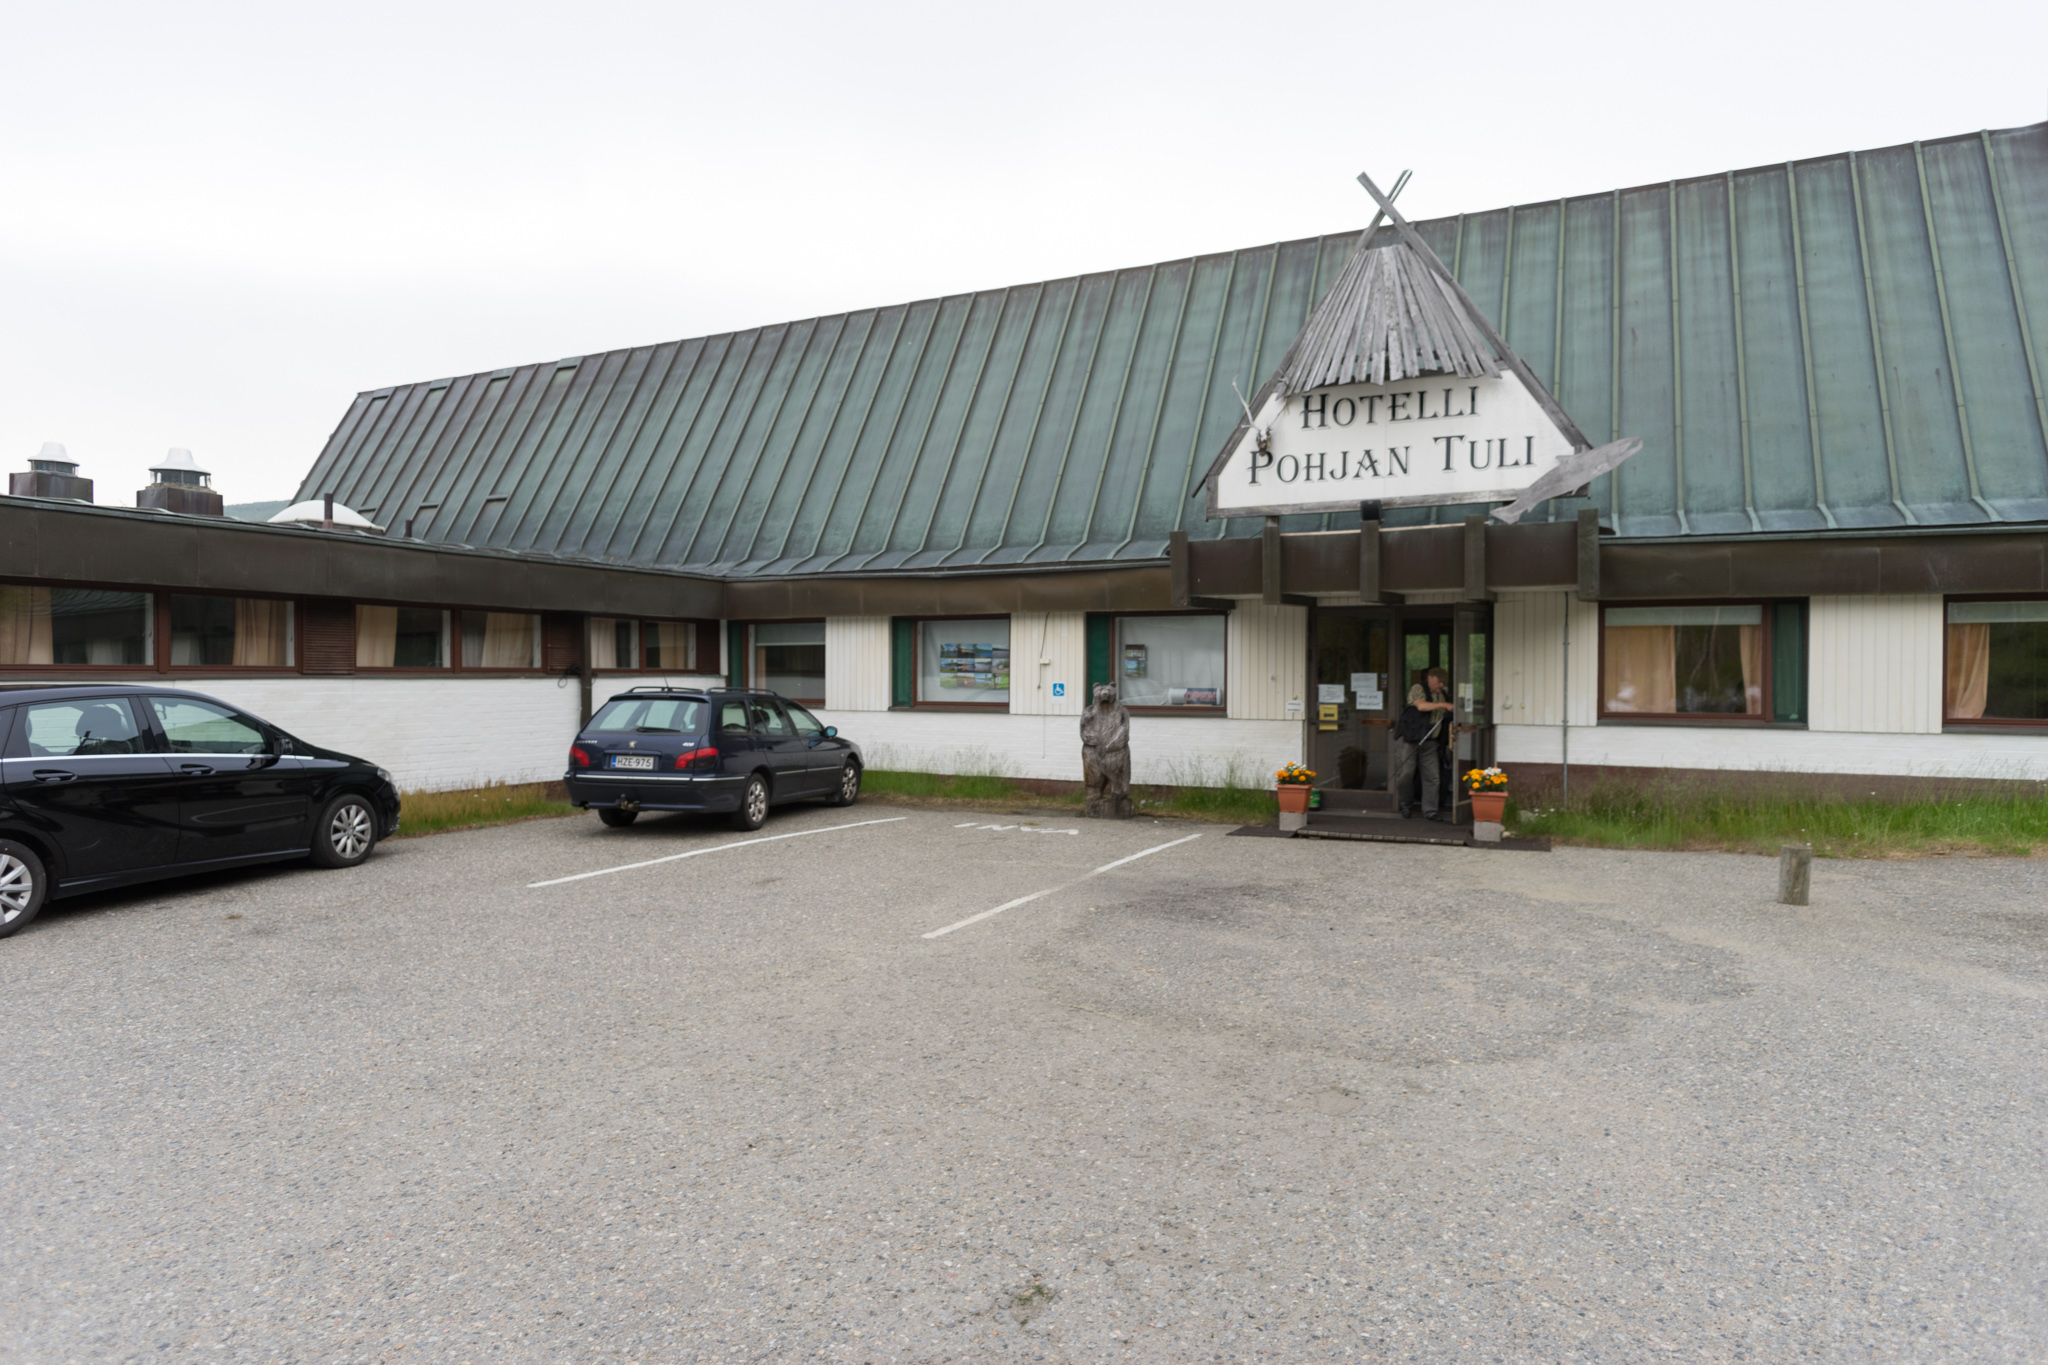 Hotel in Utsjoki